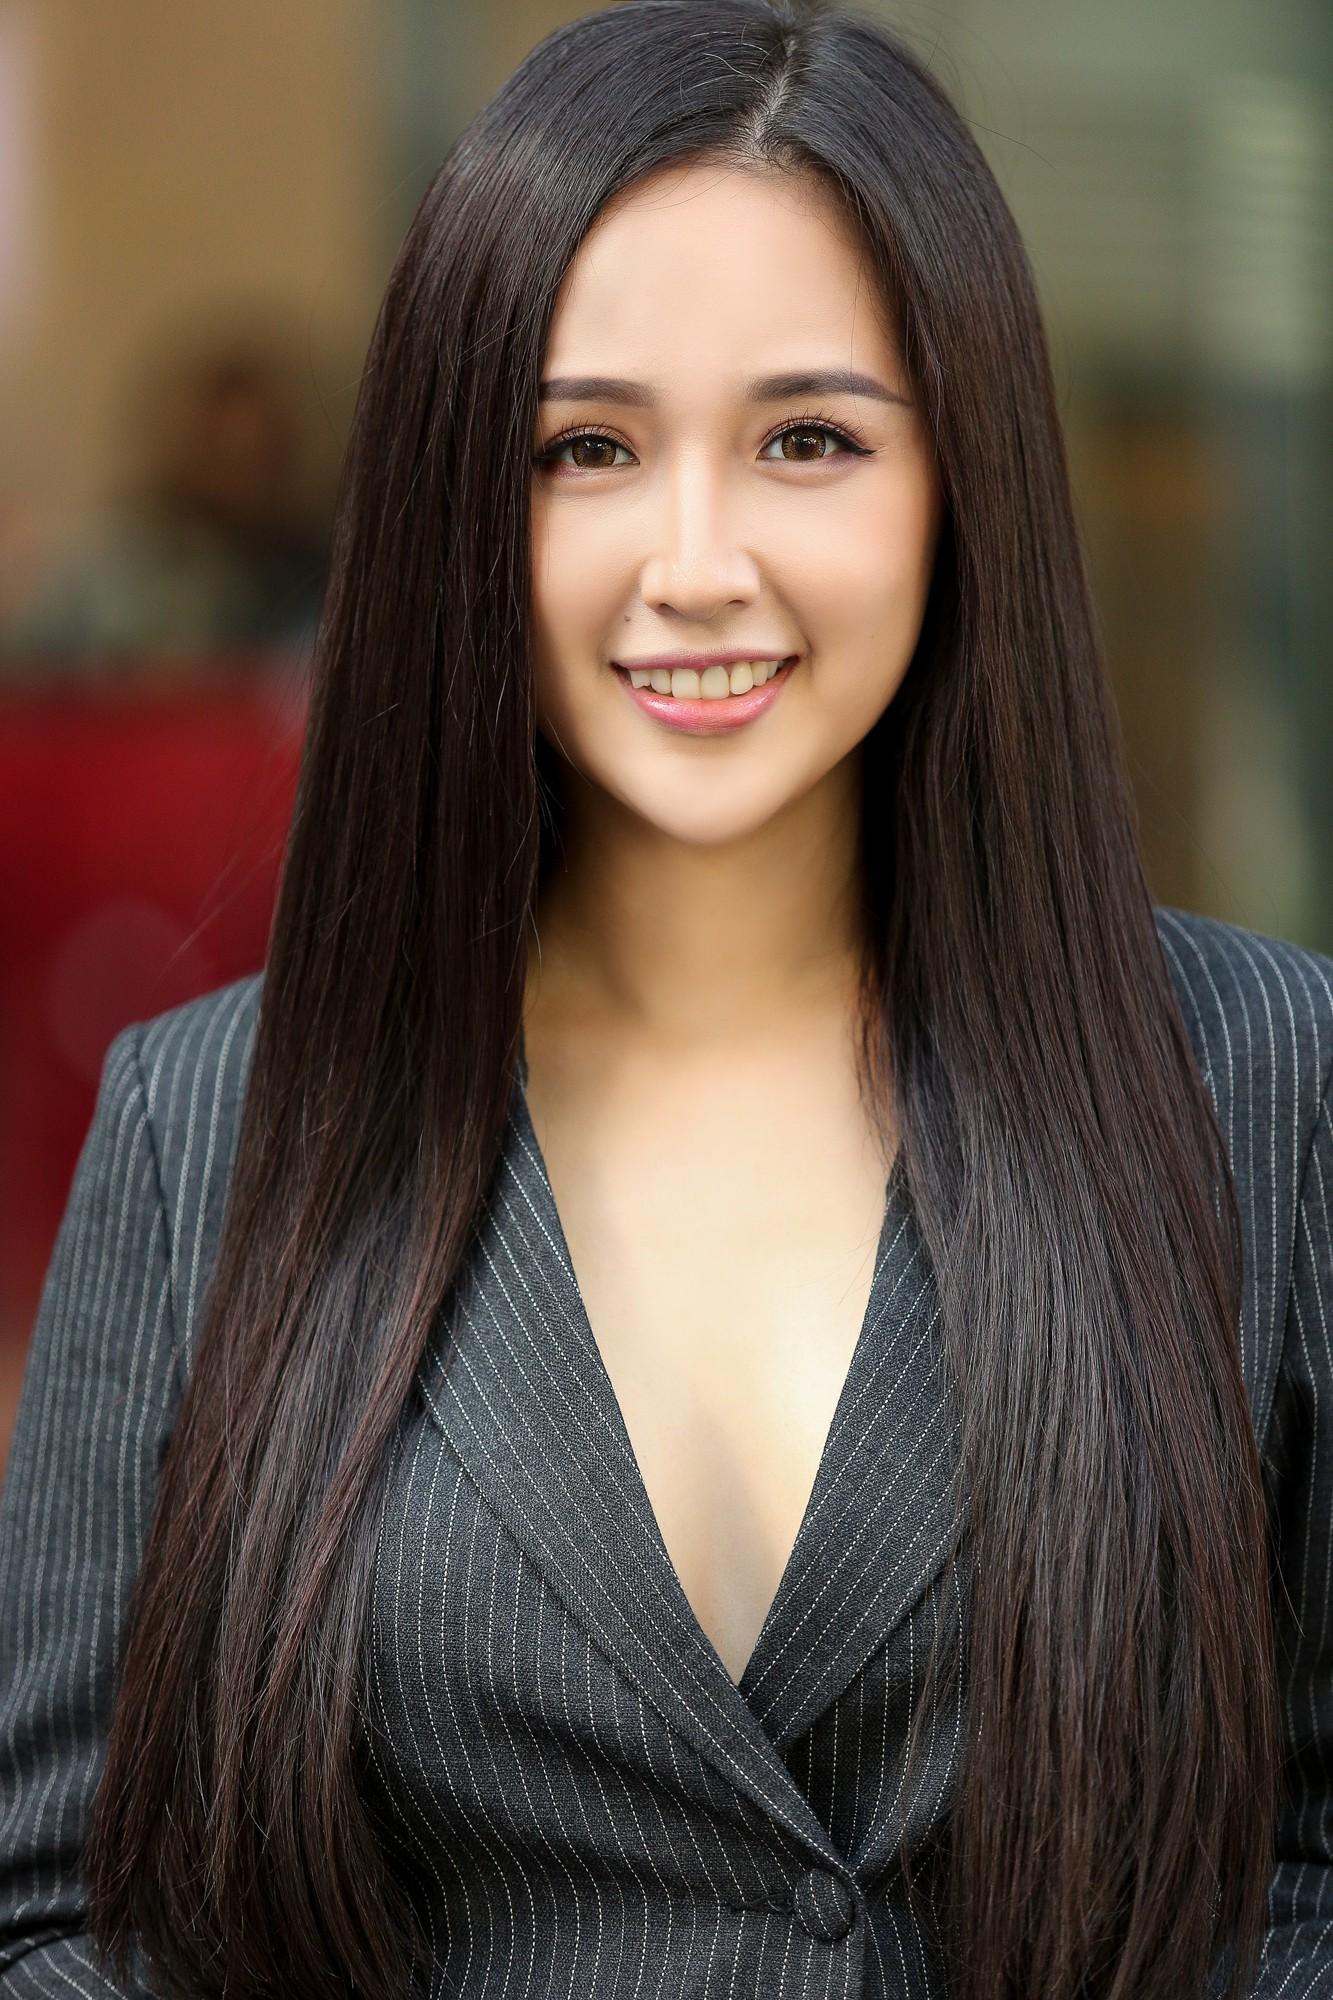 Mai Phương Thúy, Tiểu Vy đọ sắc tại vòng sơ khảo Hoa hậu Thế giới Việt Nam 2019   - Ảnh 1.